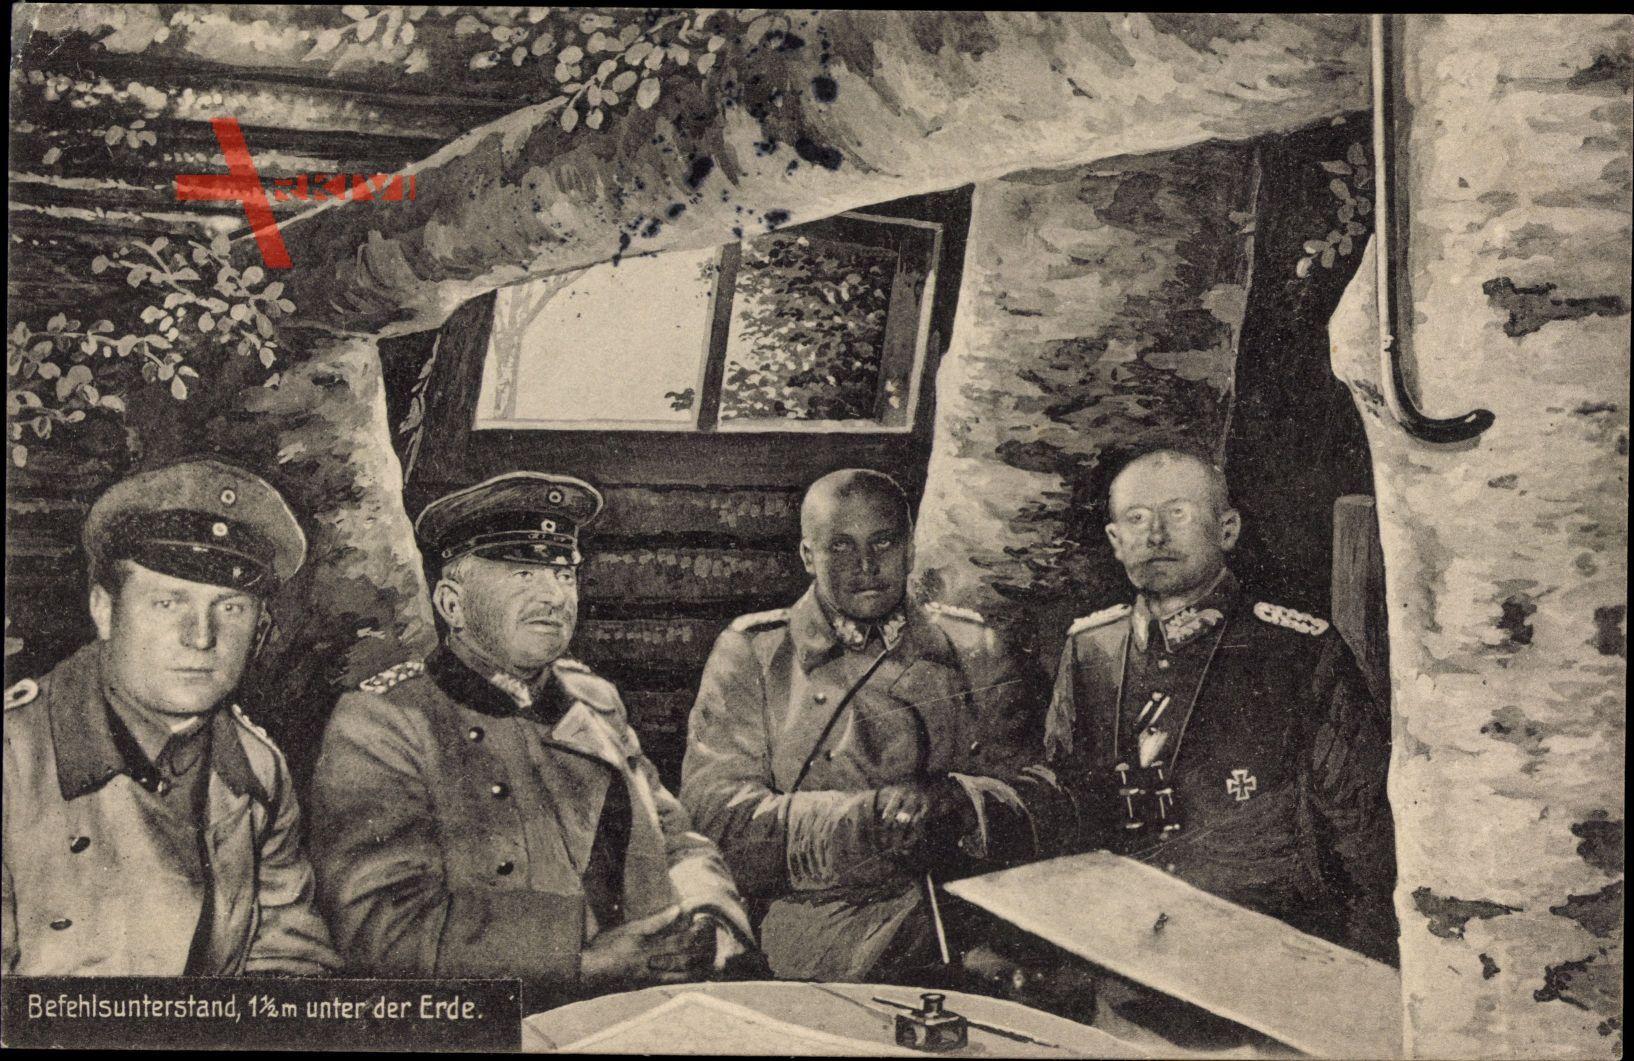 Befehlsunterstand unter der Erde, Offiziere, I. WK